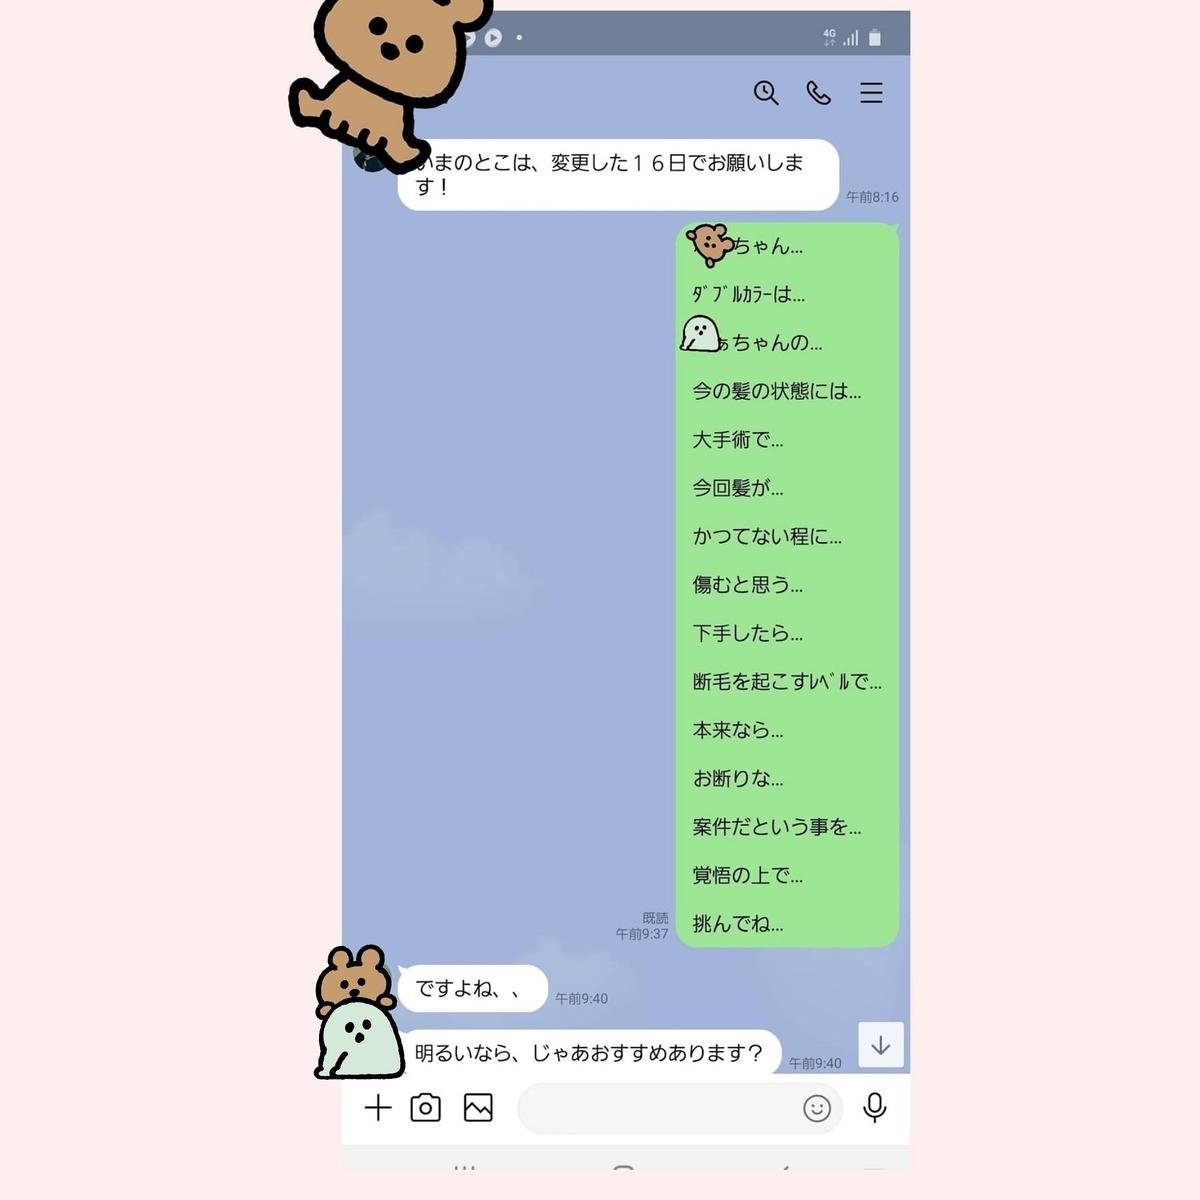 f:id:hiro-964c2:20210315000022j:plain